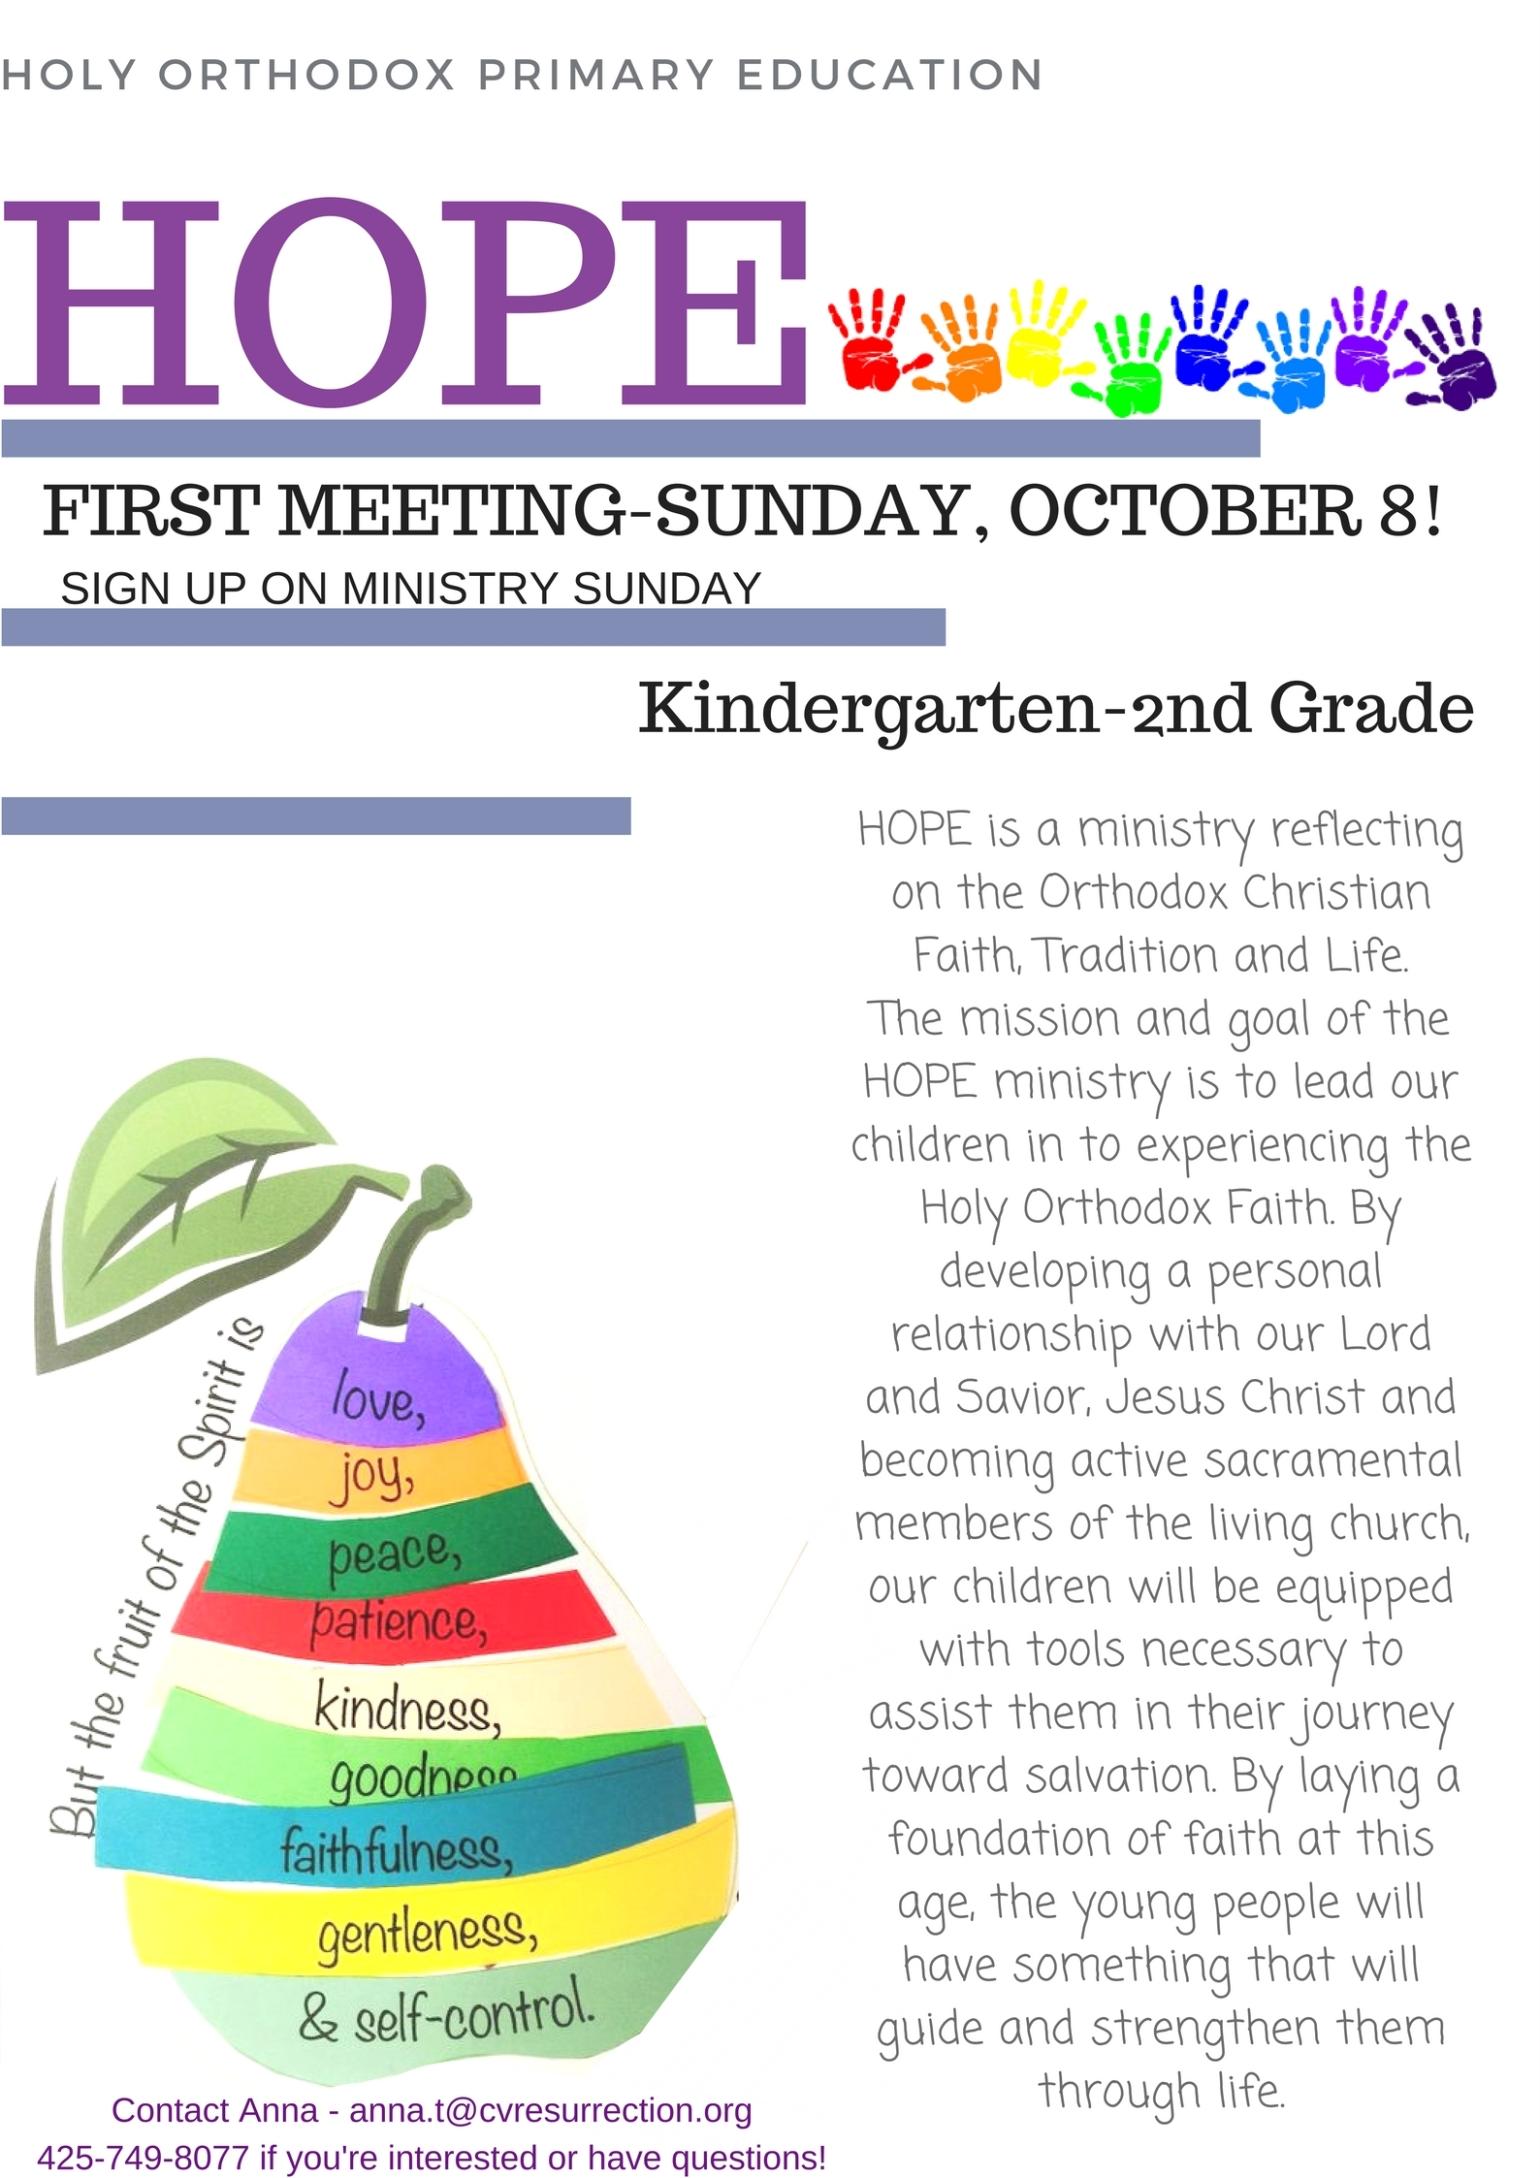 HOPEHoly Orthodox Primary Education (8) (1)